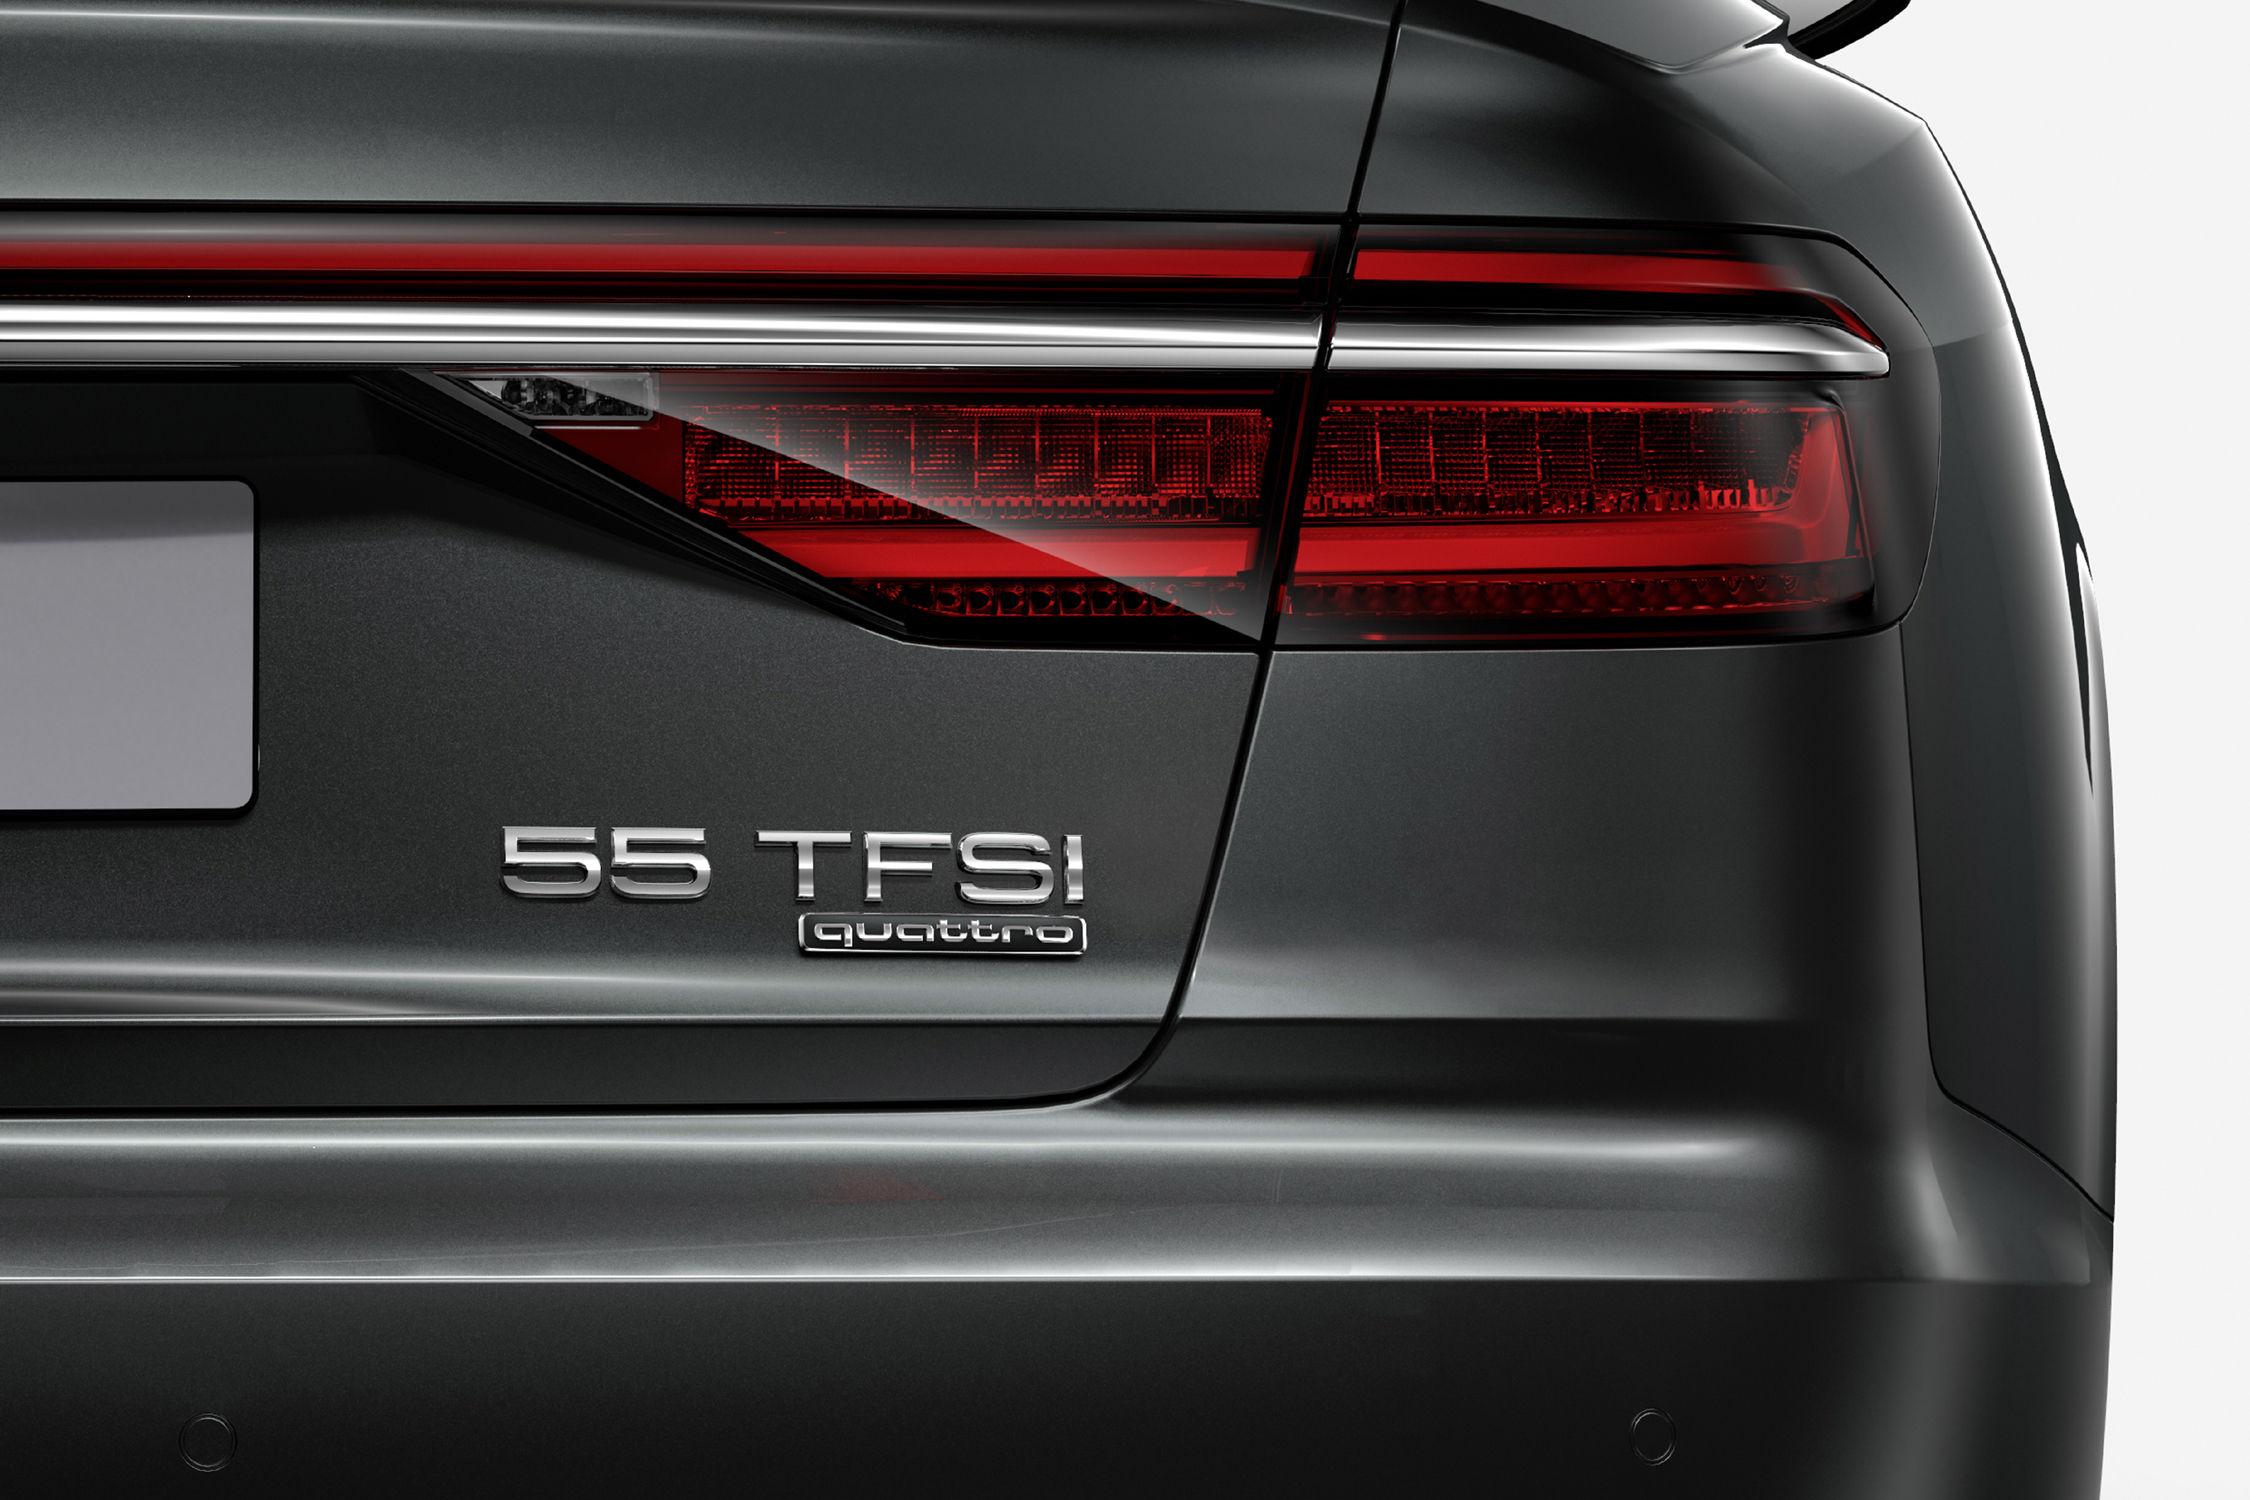 Audi modifie la désignation de ses modèles